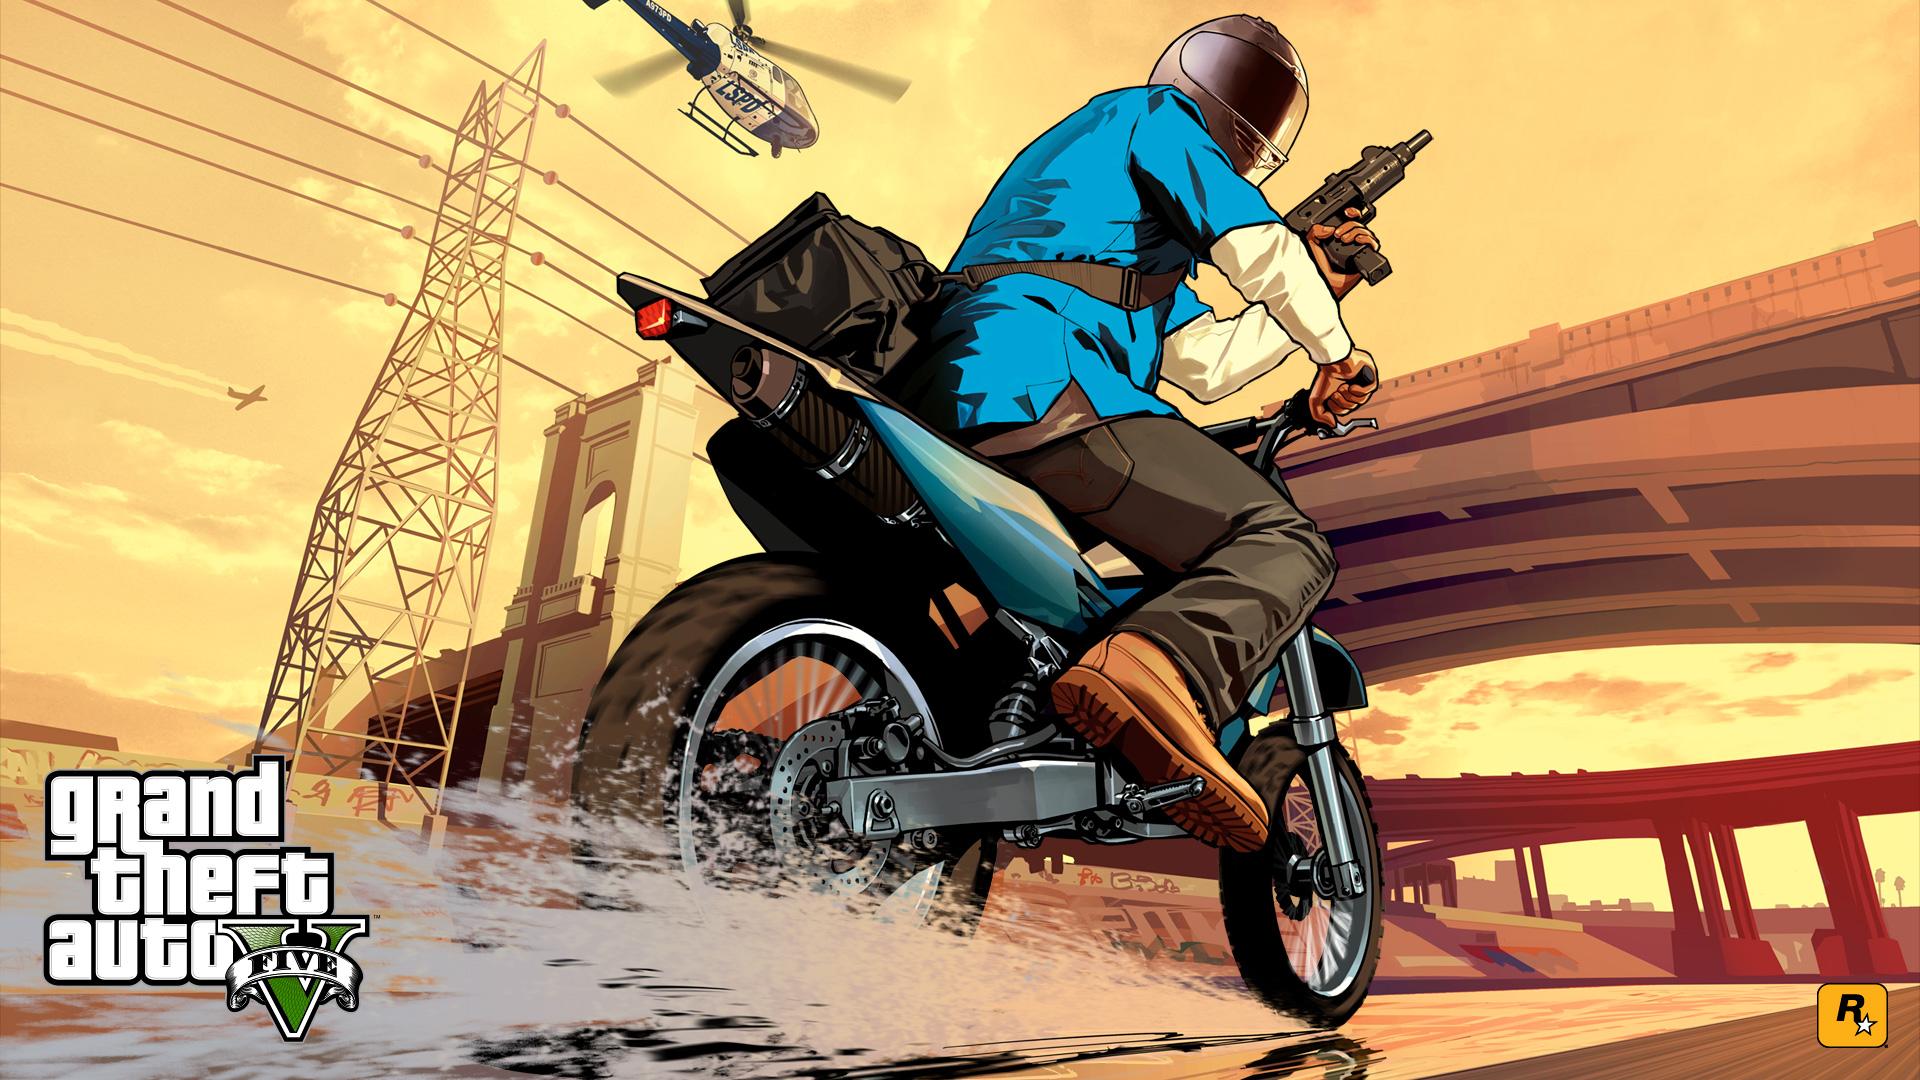 Wallpaper Gta 5 Grand Theft Auto V Rockstar 16 Wallpapers 1920x1080